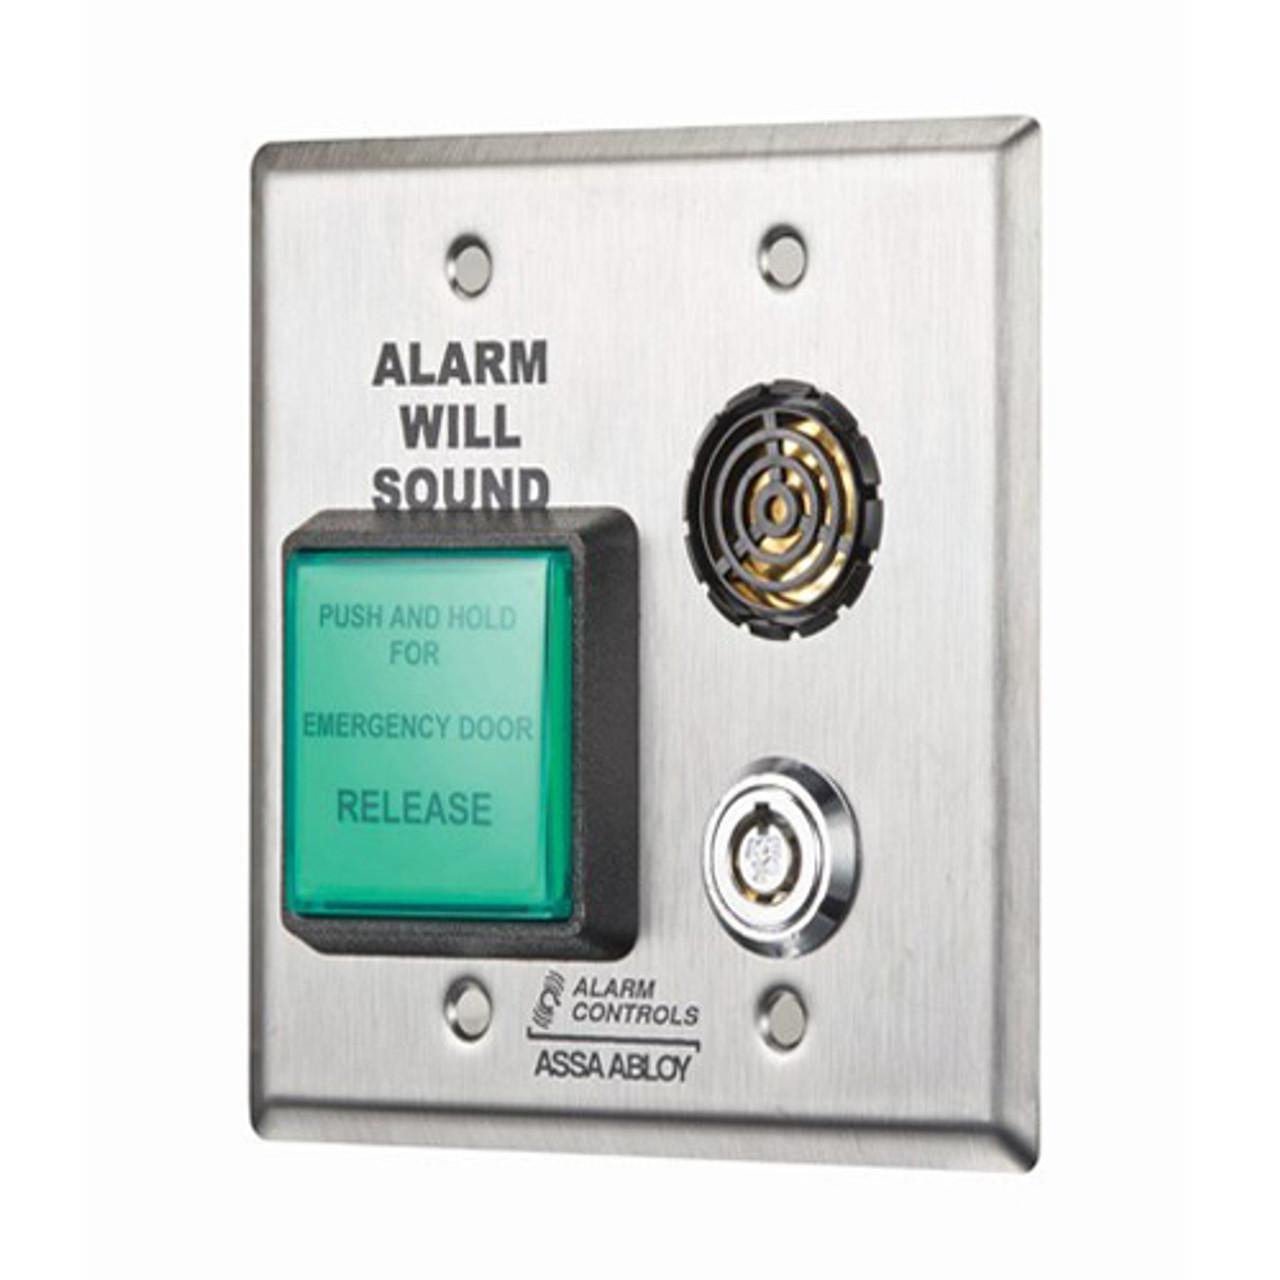 ASP-DE-1 ASP Alarm Control Delayed Egress Station